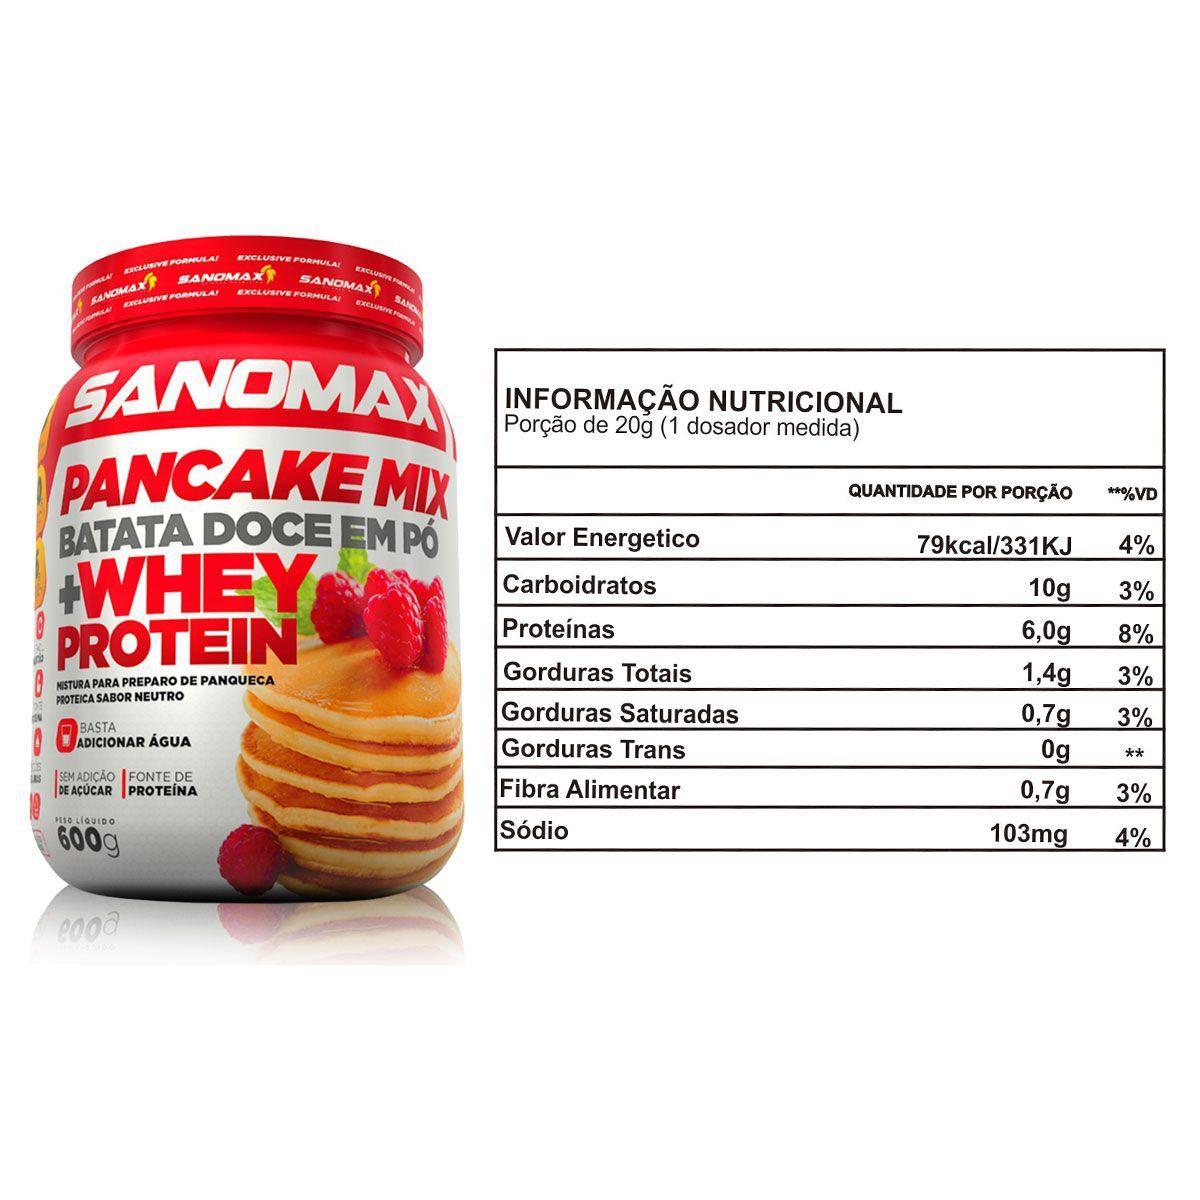 Pancake Mix 600g - Sanomax